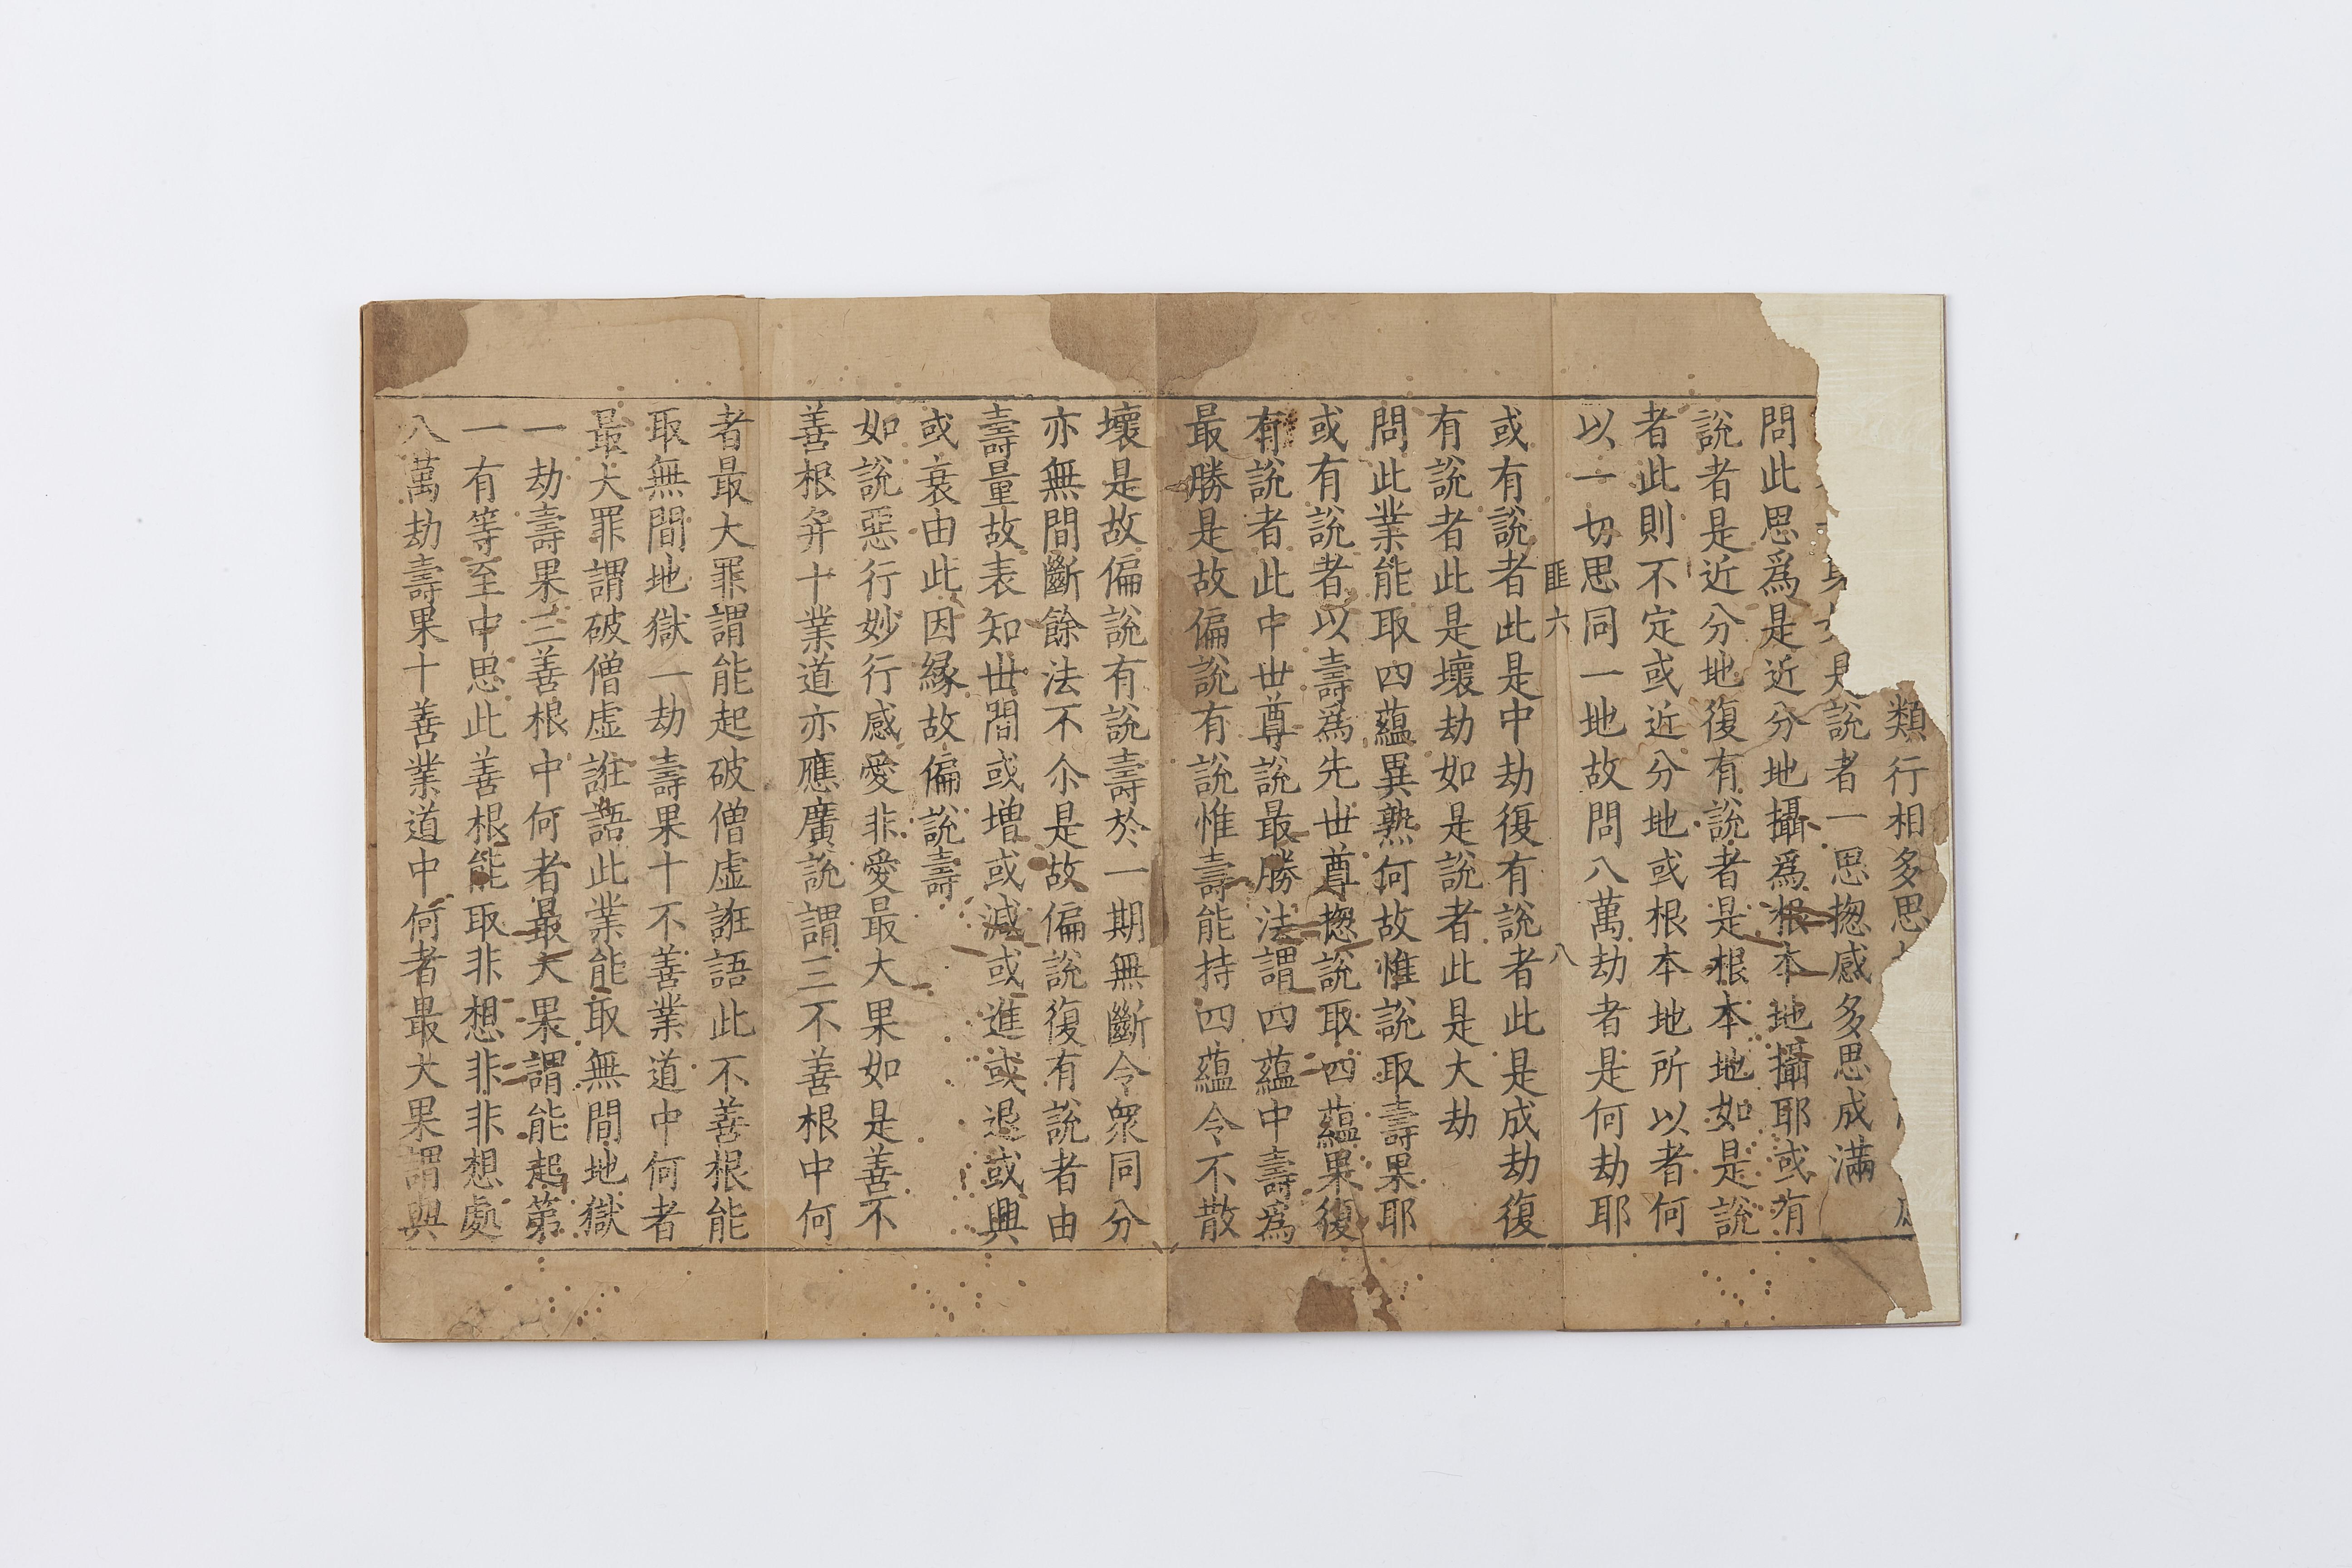 171311元版「説一切有部発音大昆婆沙論」